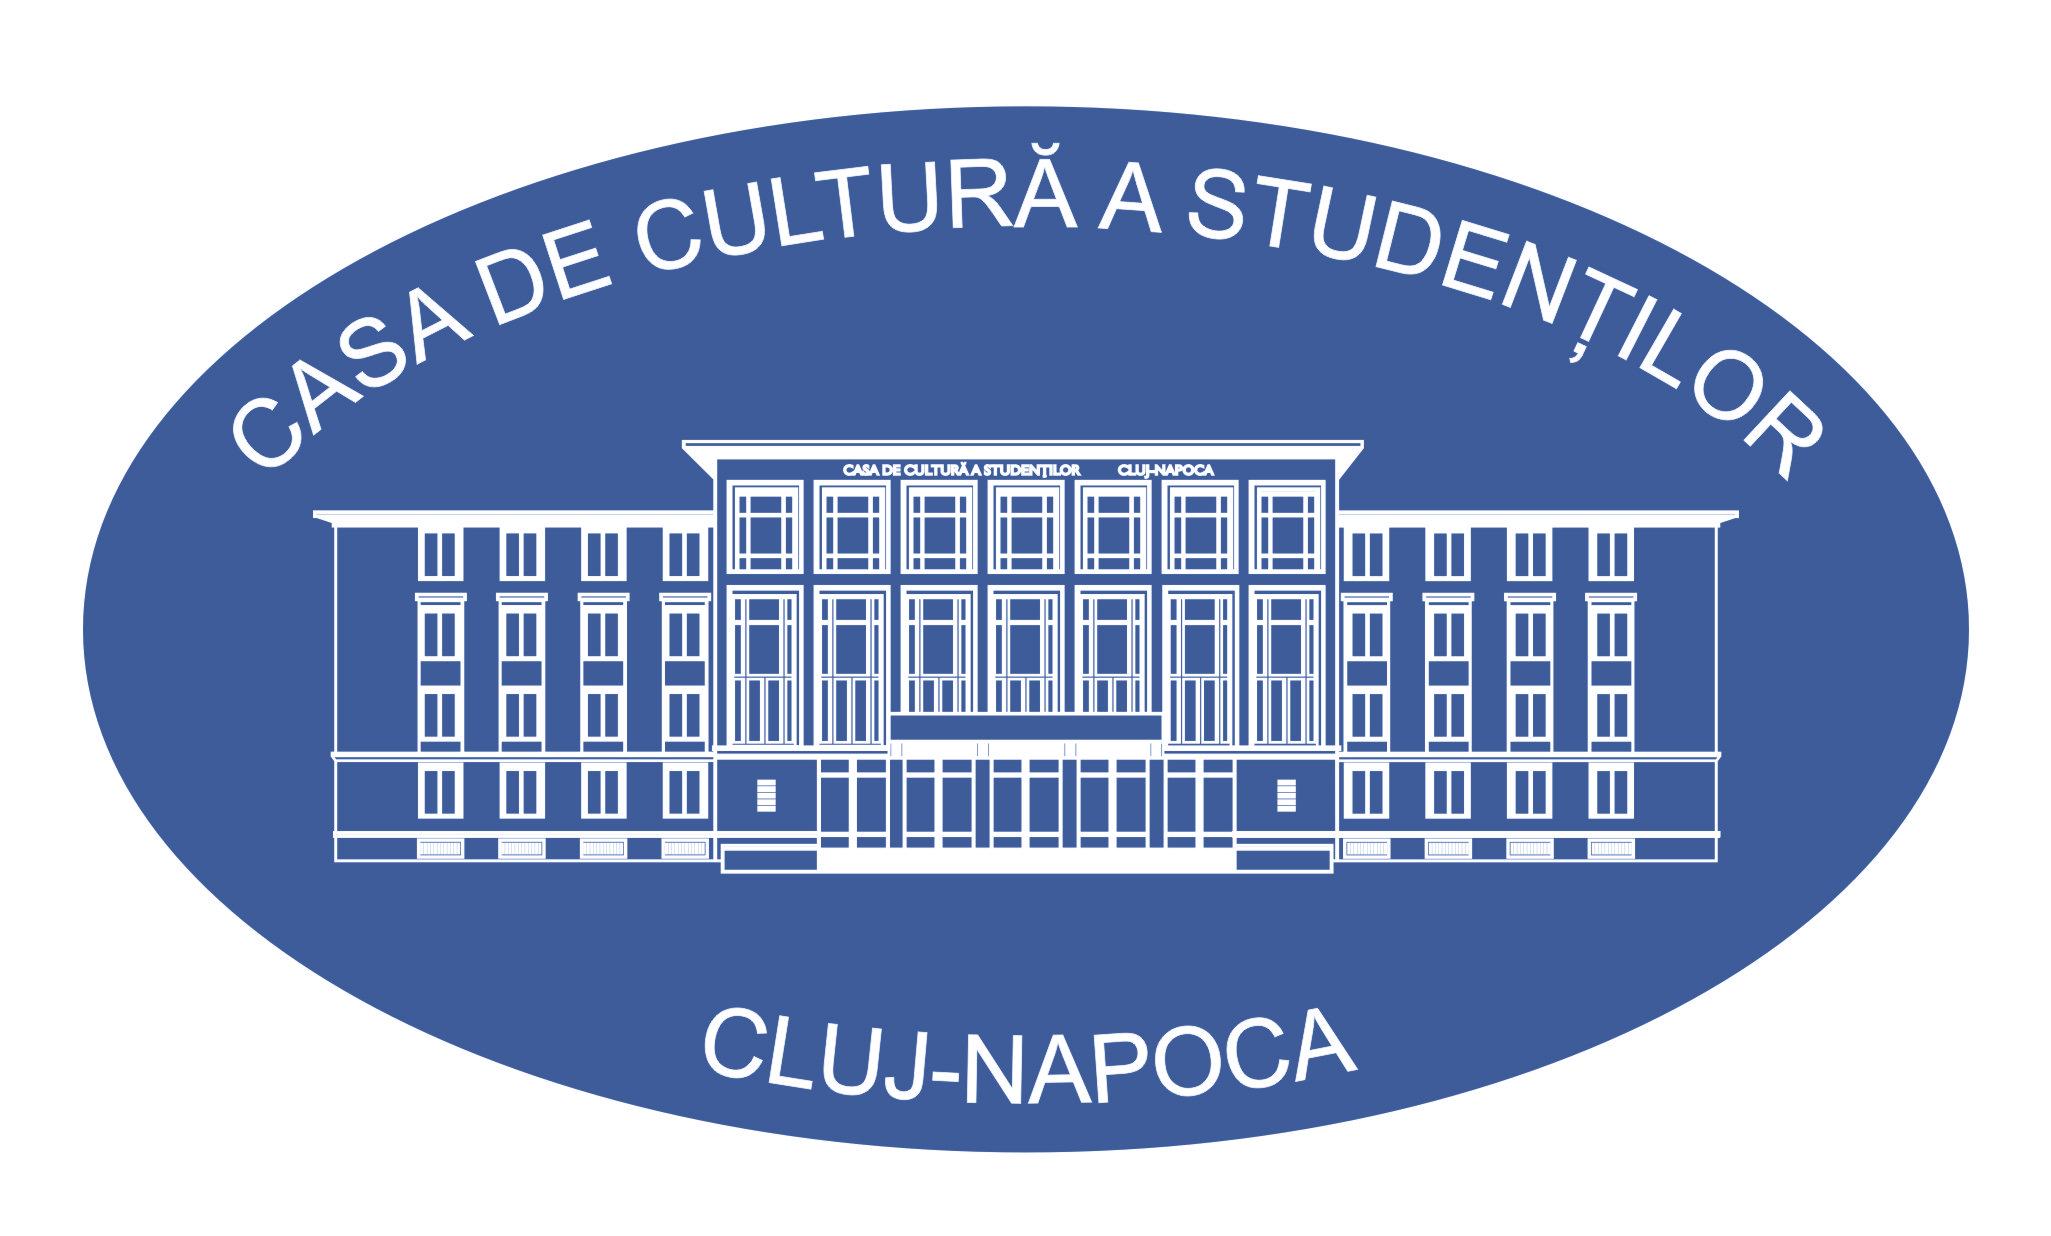 CASA DE CULTURĂ A STUDENȚILOR CLUJ-NAPOCA